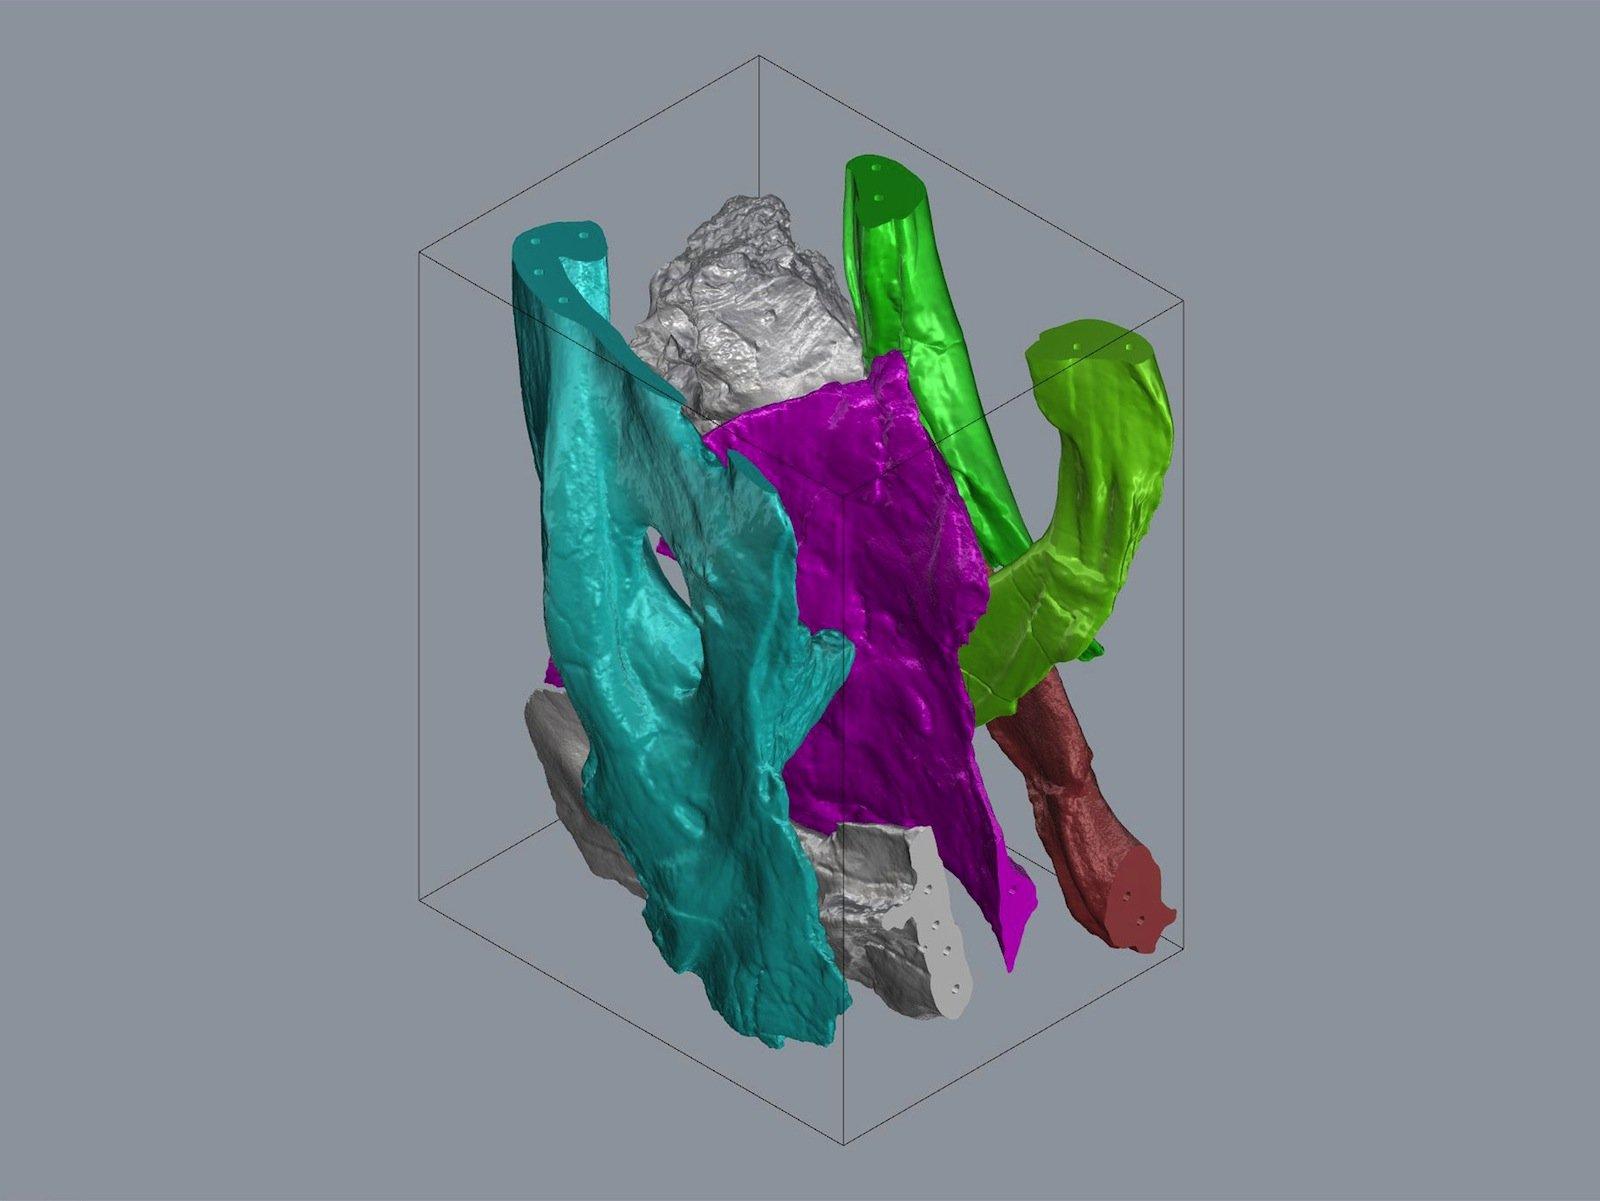 Dicht gepackt mithilfe der Mathematik: Die einzelnen Knochenteile des Schädels müssen im Bauraum des Druckers möglichst effizient angeordnet sein, da ein Druck mehr als 30 Stunden dauert.